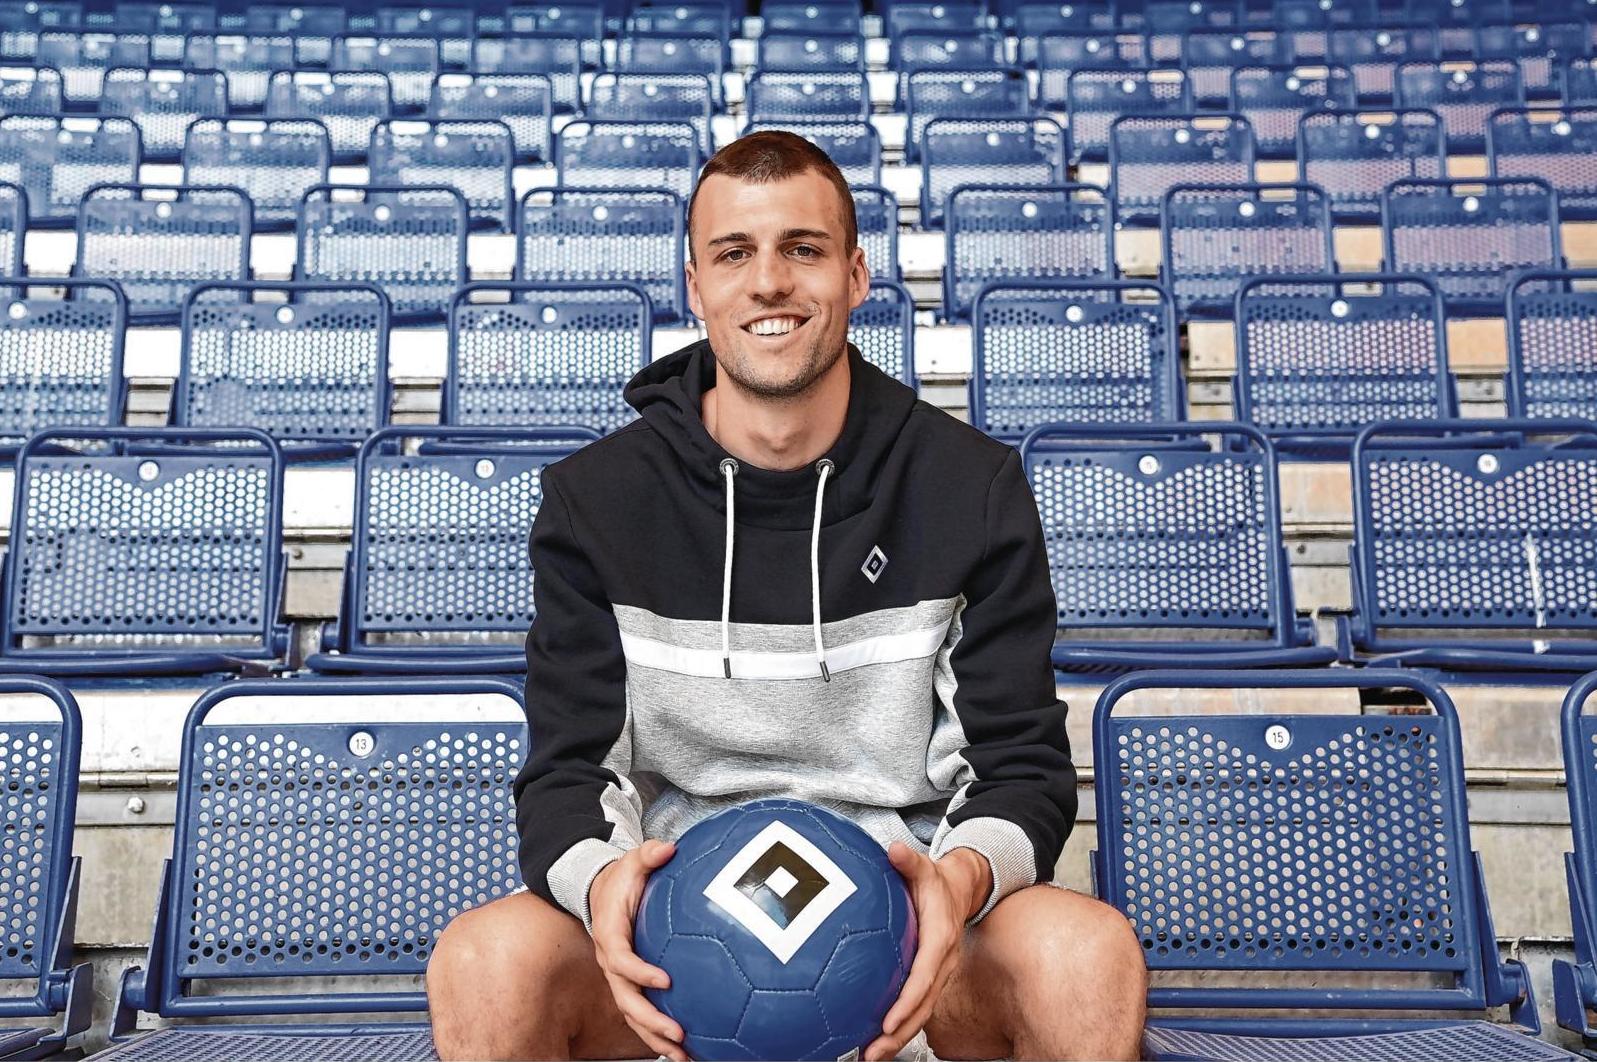 Jonas Meffert bei seinem ersten Shooting als HSV-Profi. Bis 2024 hat er unterschrieben.